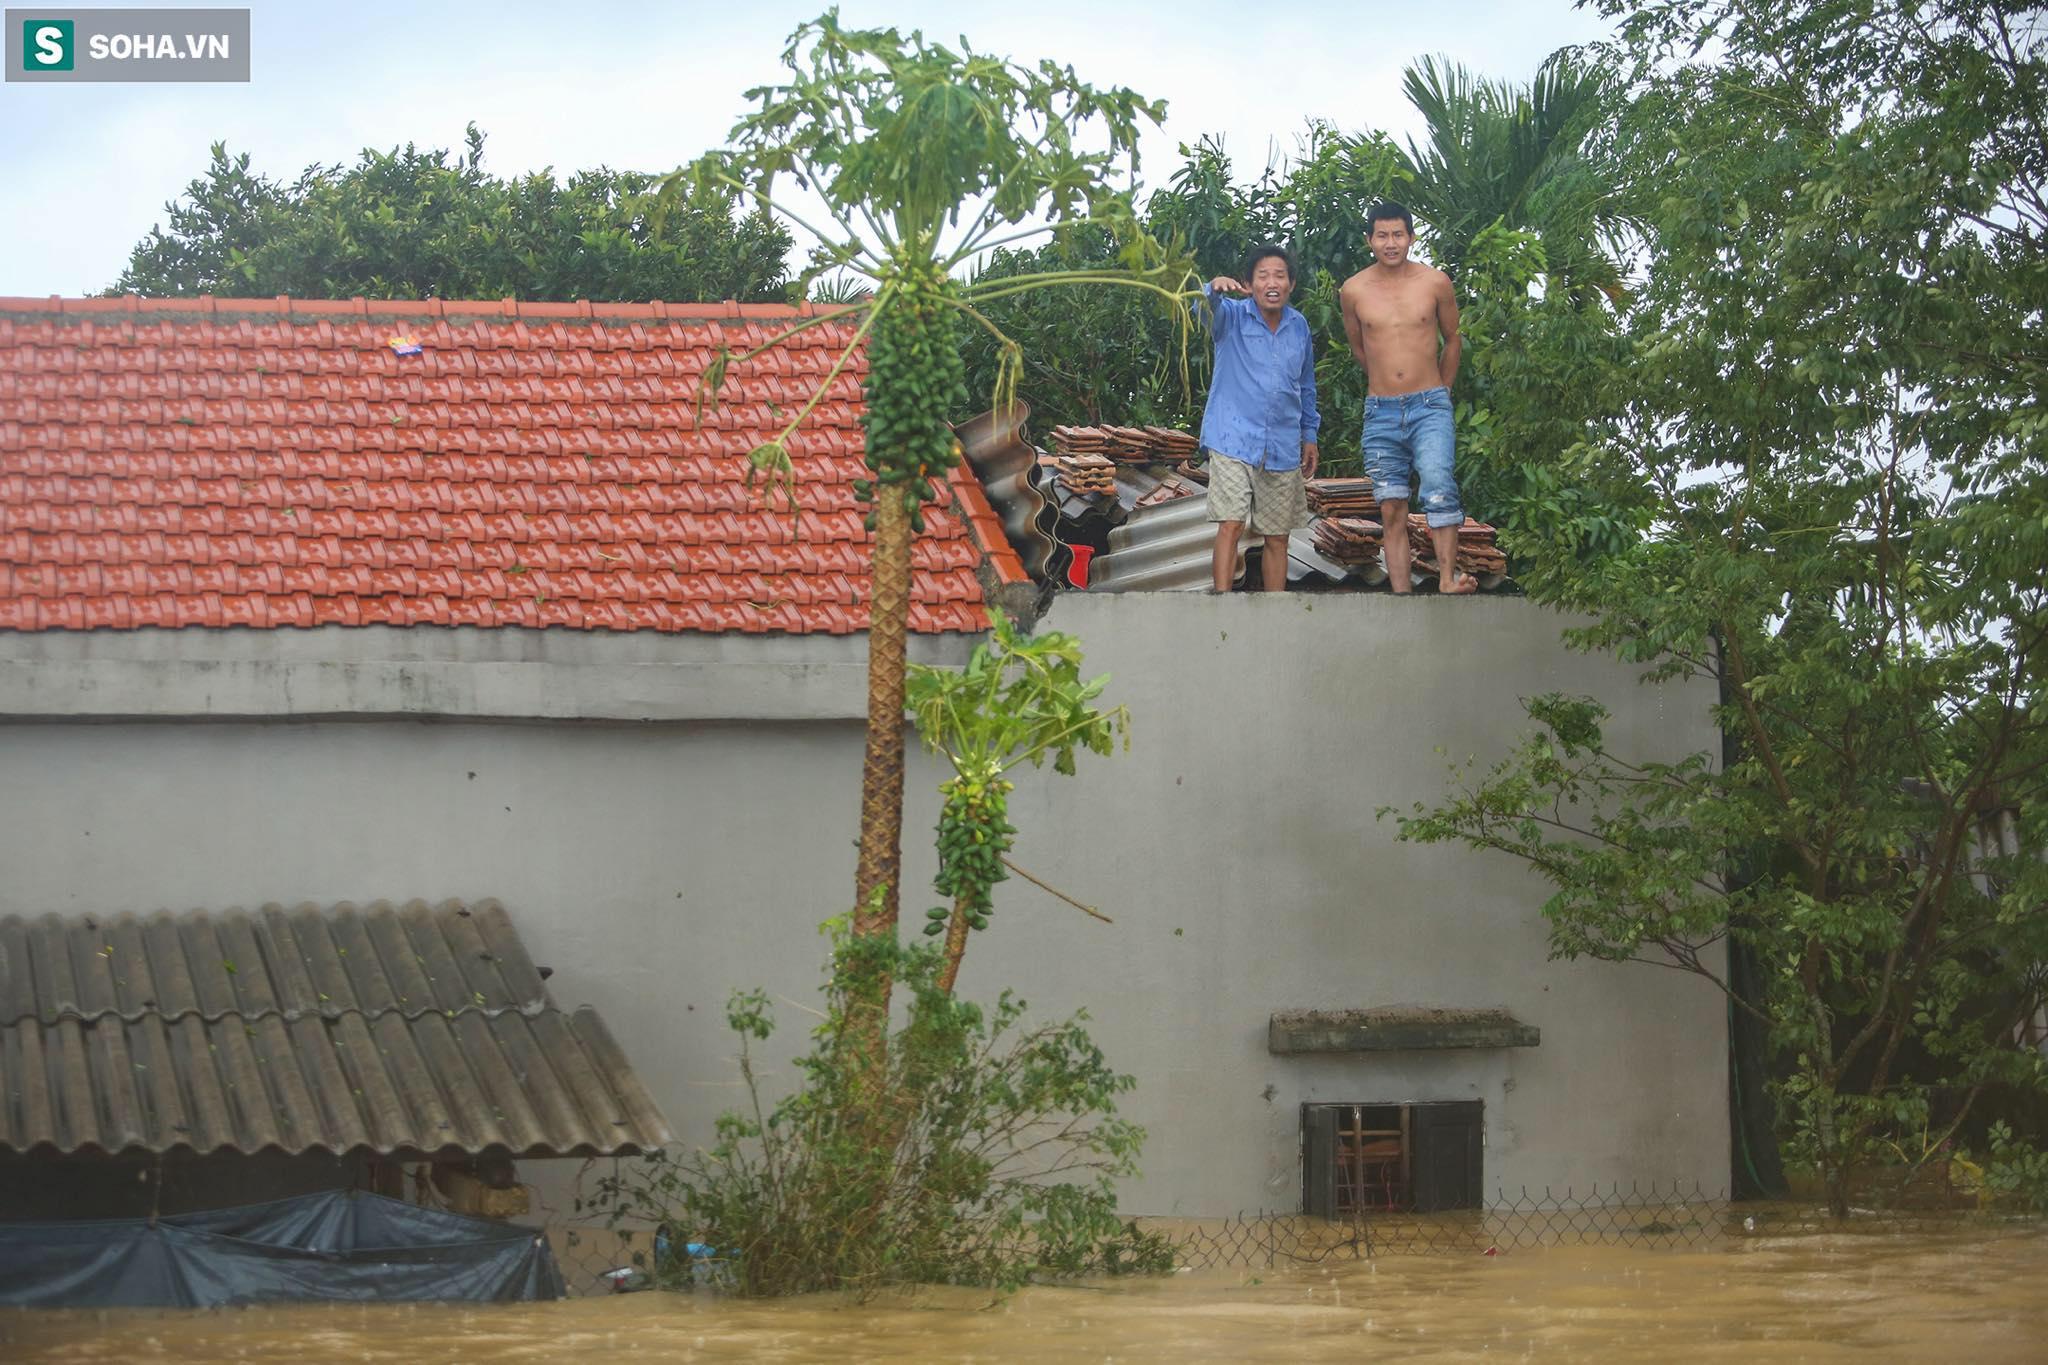 Những cánh tay 'cầu cứu' từ mái nhà trong cơn lũ lịch sử ở Quảng Bình - Ảnh 12.